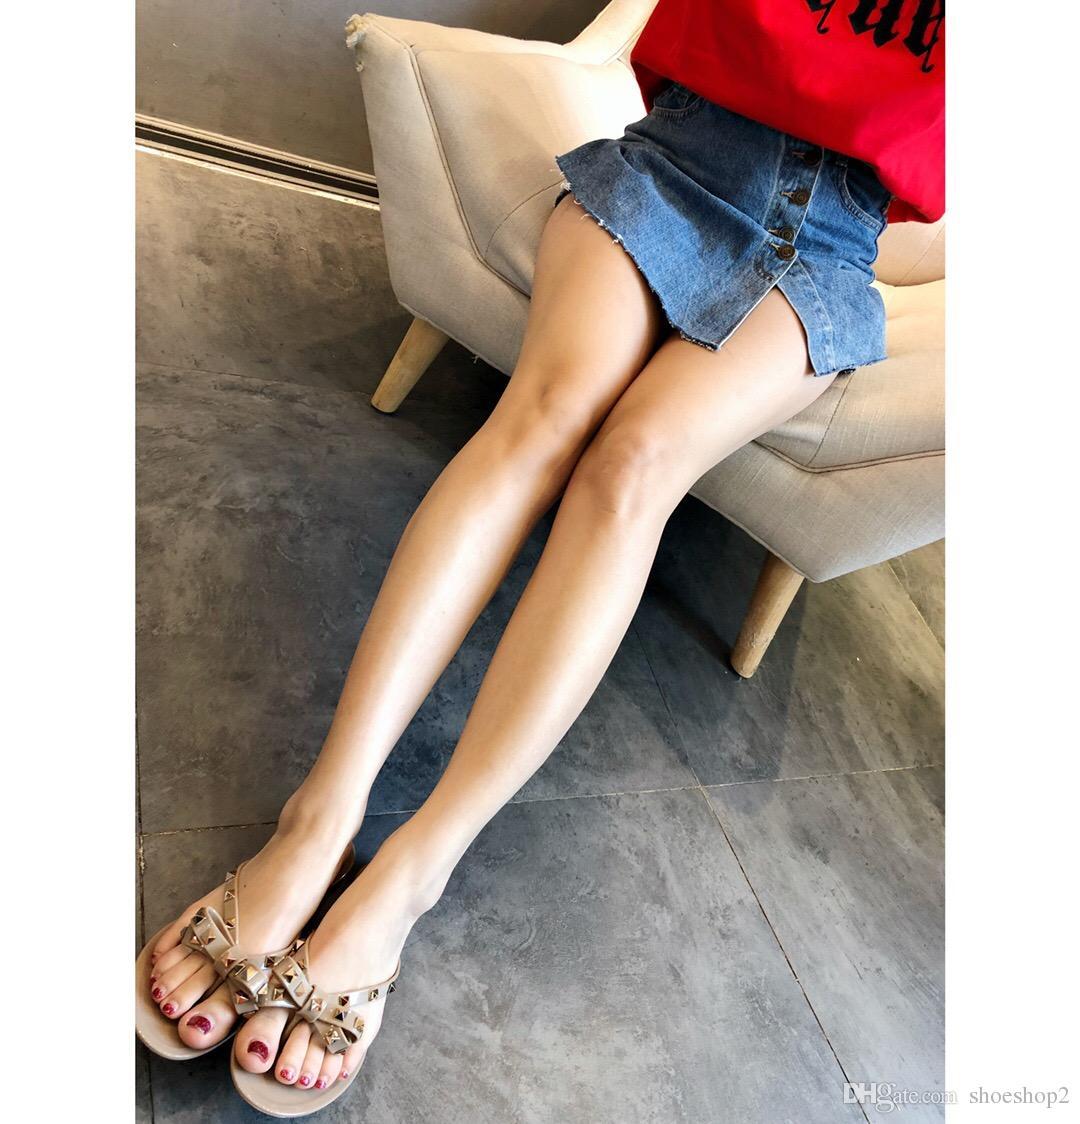 Yeni Yaz Kadın Çevirme Terlik Düz Sandalet Yay Perçin Moda Pvc Kristal Plaj Ayakkabıları